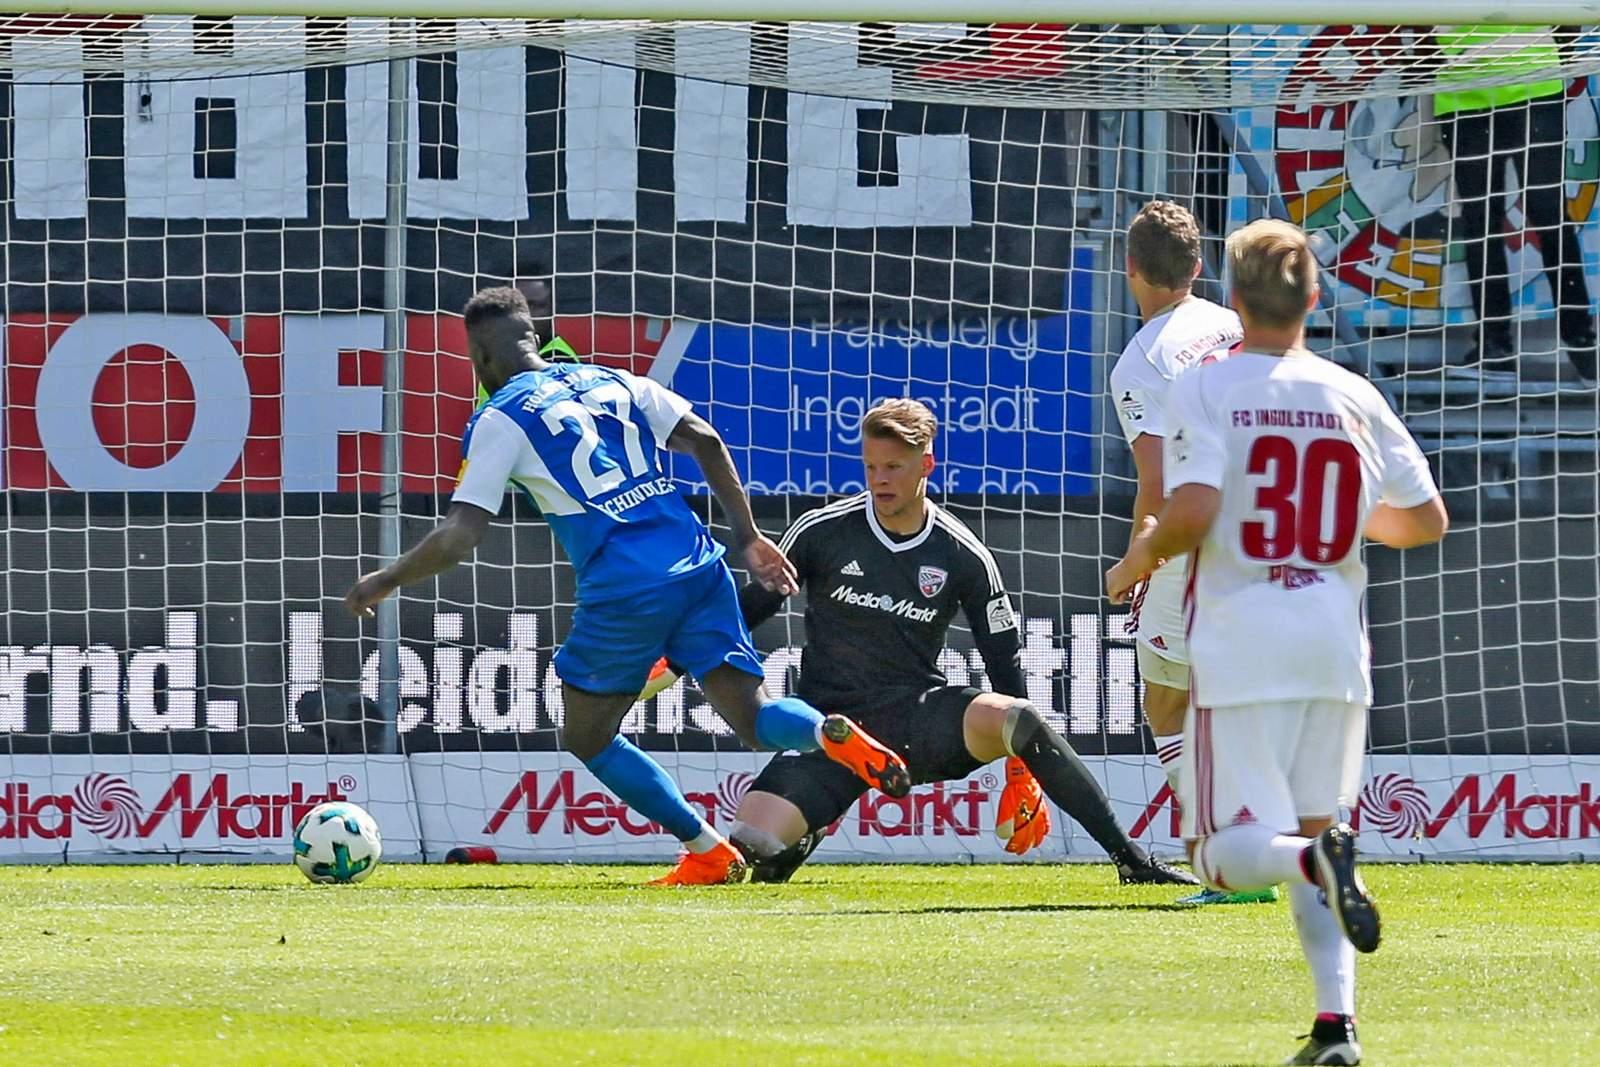 Kann Kingsley Schindler den Ball im Tor unterbringen? Jetzt auf Holstein Kiel gegen FC Ingolstadt wetten.